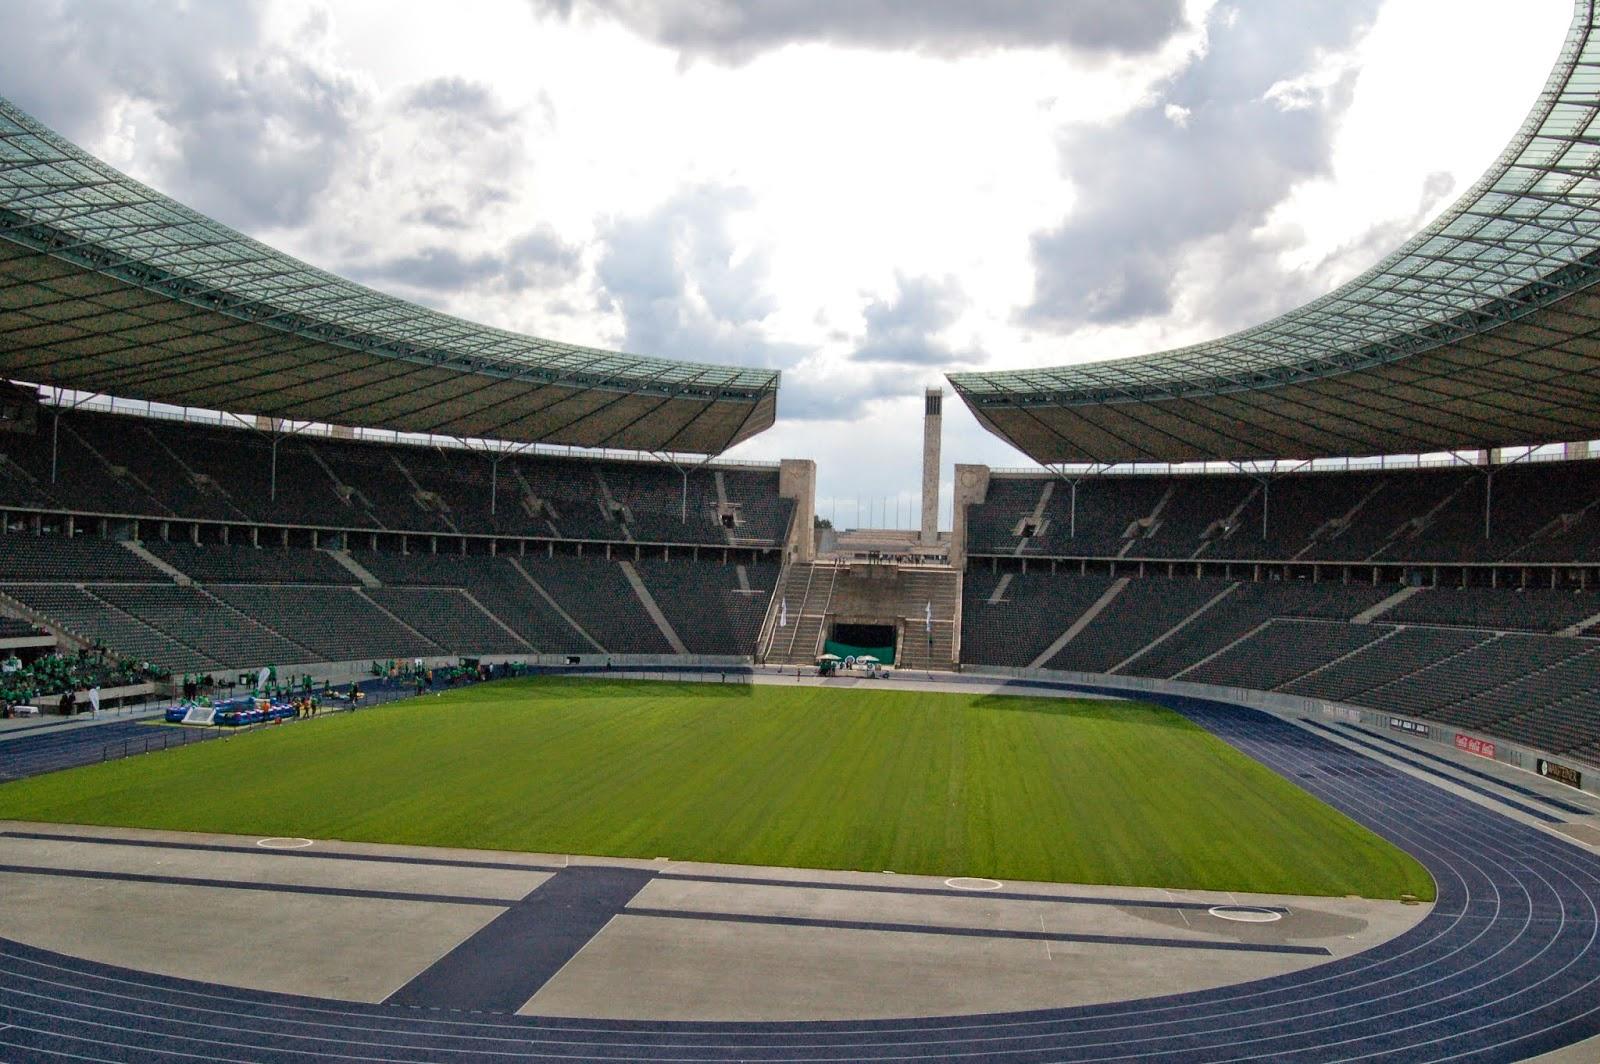 Stadion olimpijski w Berlinie, widok z trybun